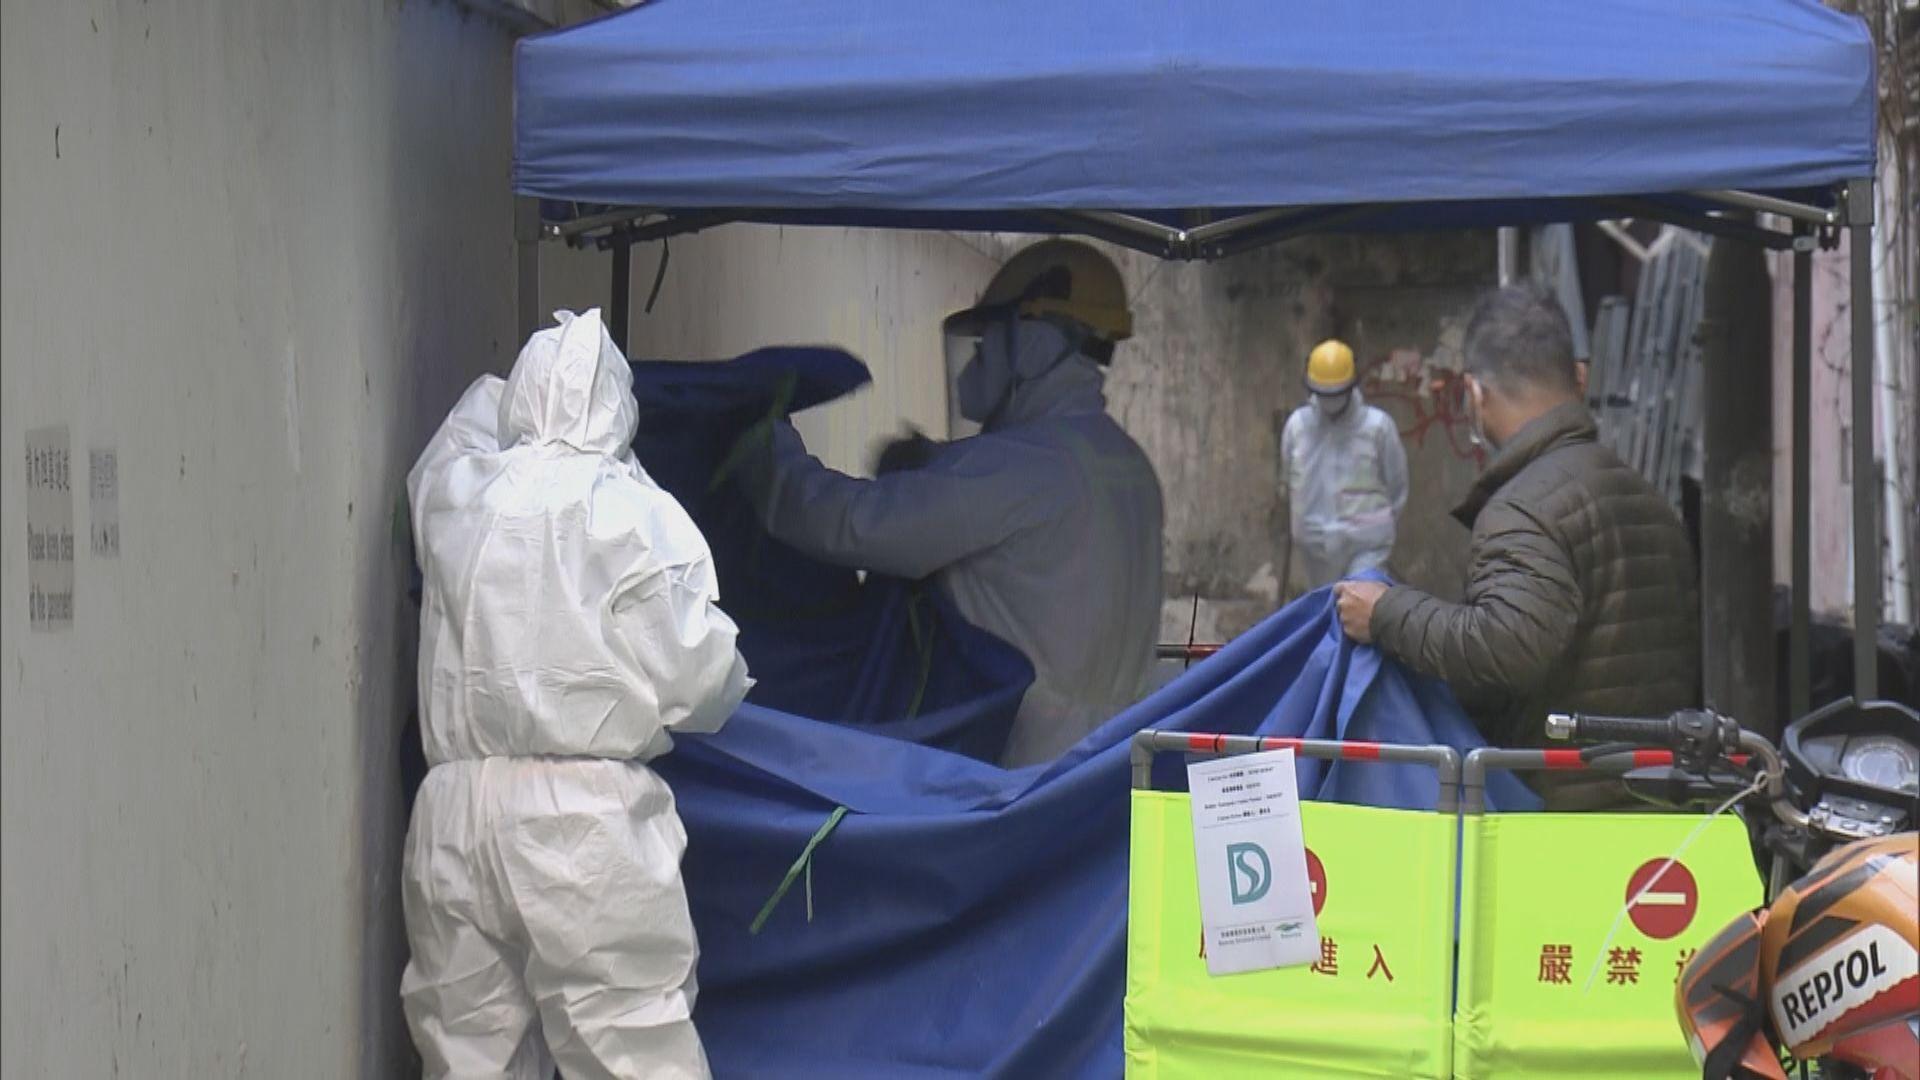 渠務署派員到油麻地佐敦指定區域抽取污水樣本化驗